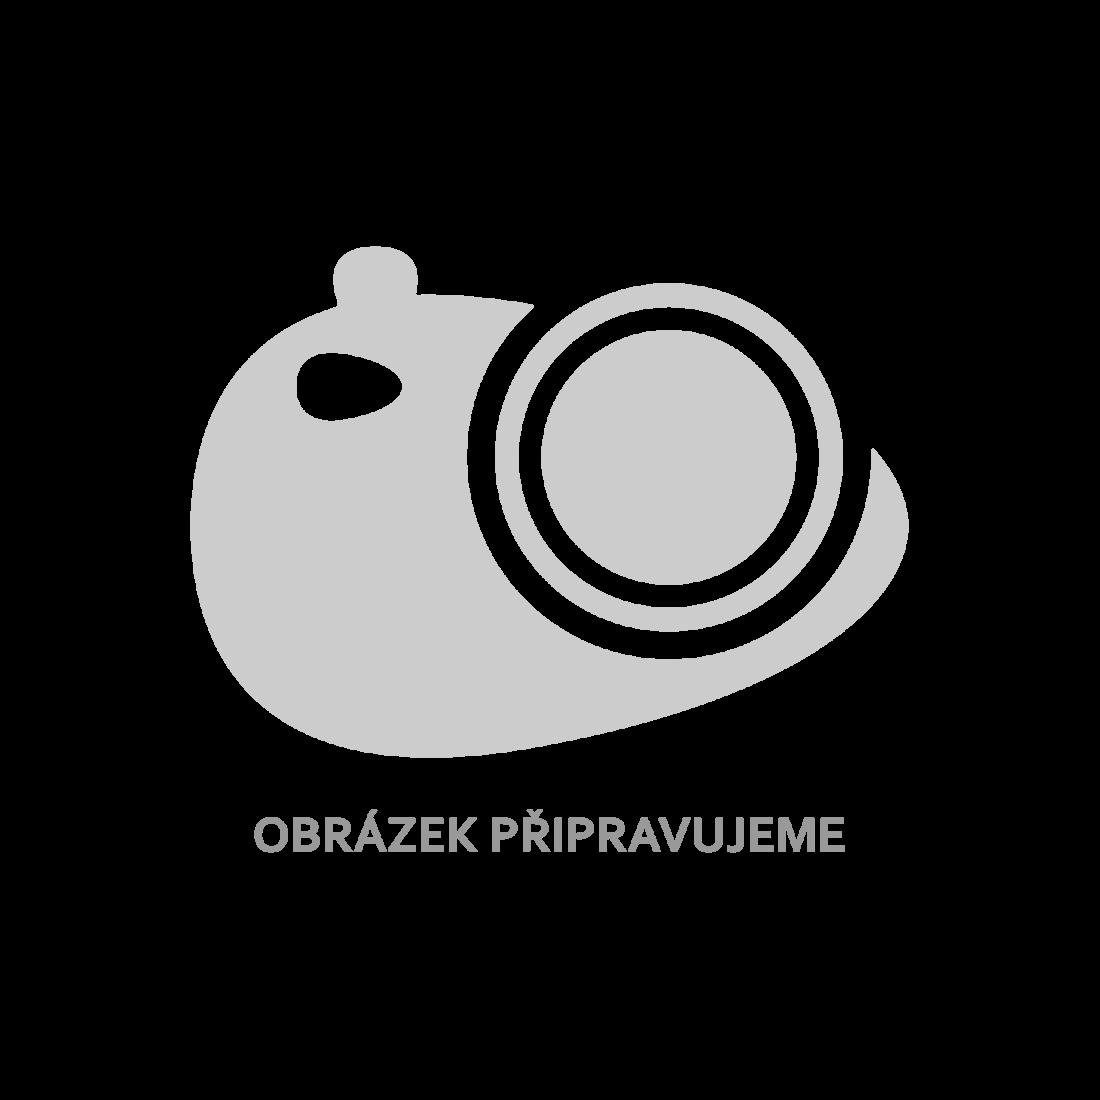 vidaXL Jídelní stůl bílý 180 x 90 x 76 cm dřevotříska [801301]